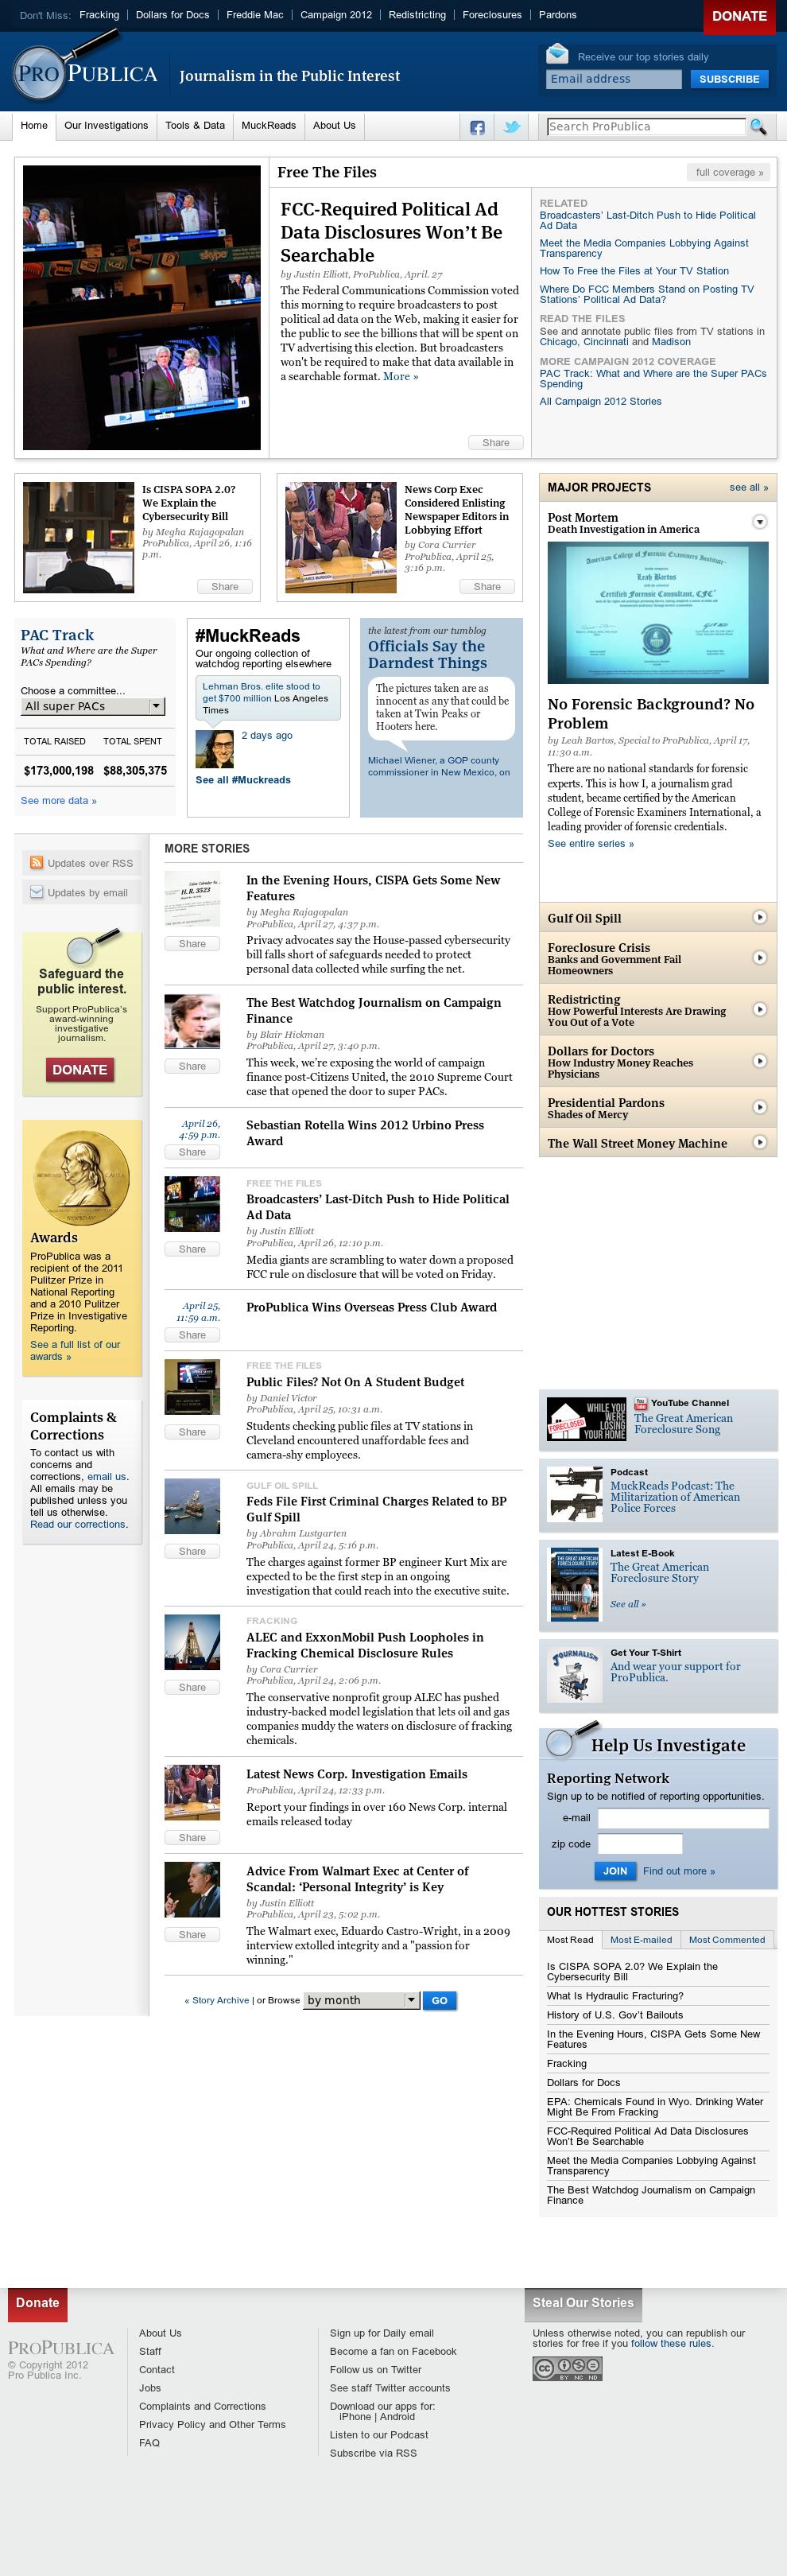 ProPublica at Sunday April 29, 2012, 11:21 p.m. UTC